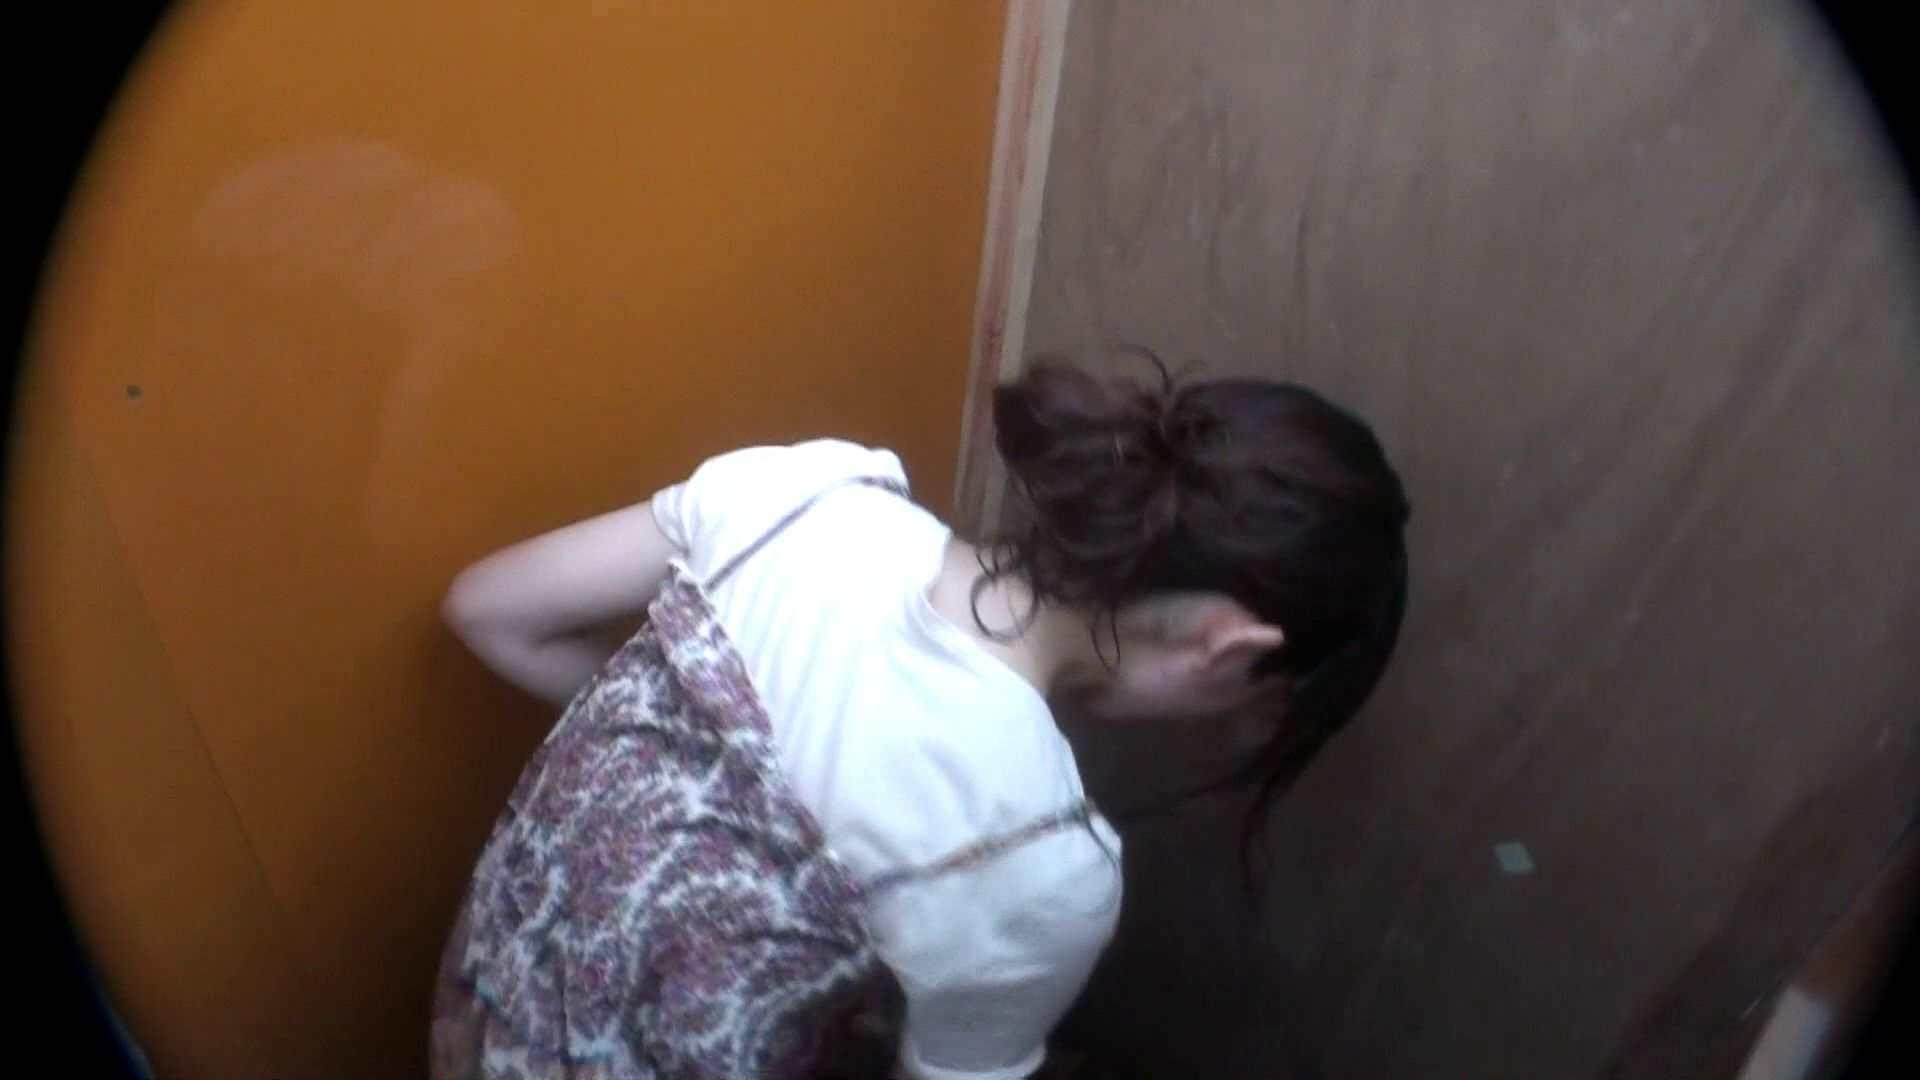 シャワールームは超!!危険な香りVol.29 こっちを向いて欲しい貧乳姉さん OLセックス  69画像 16